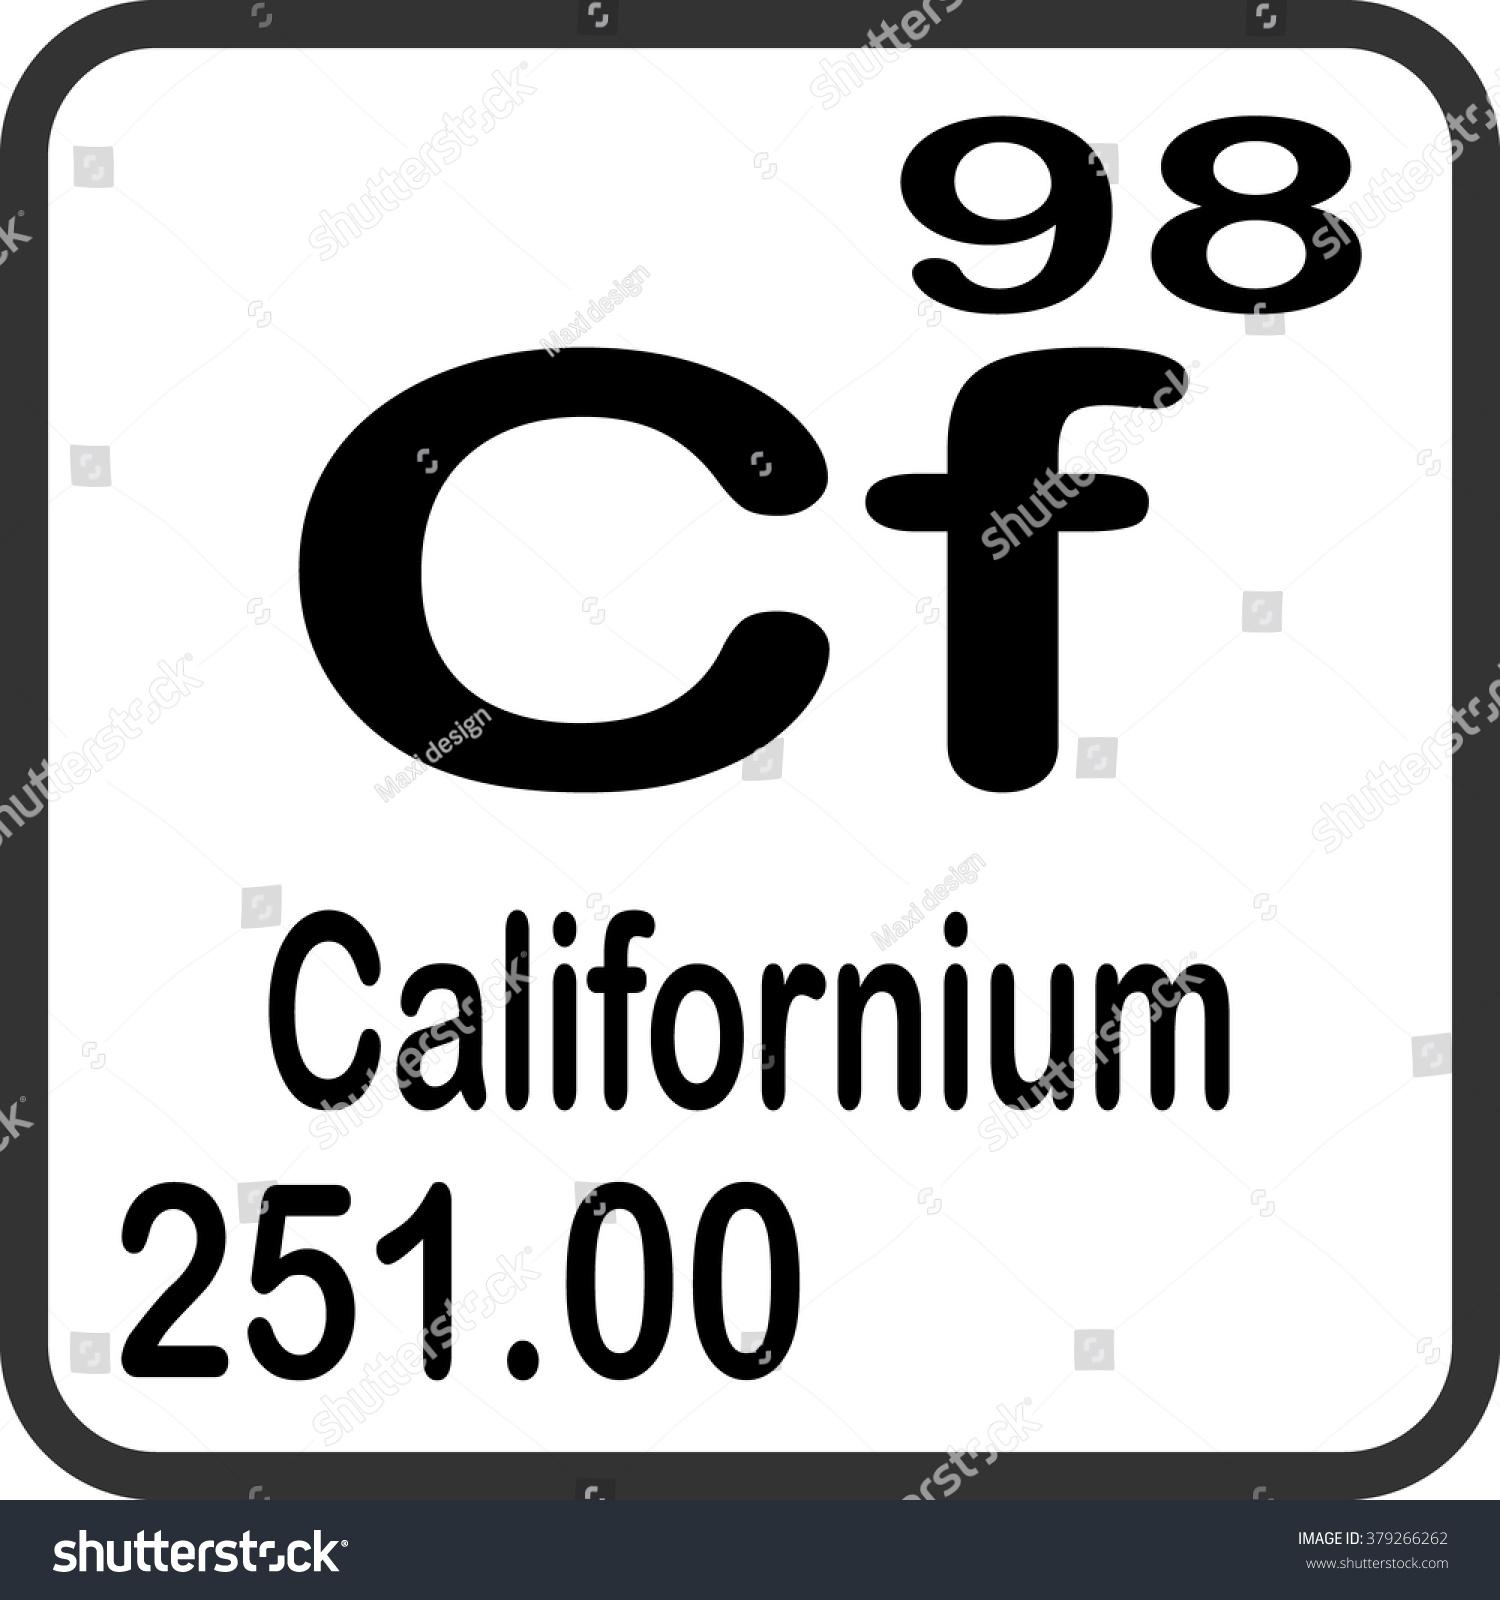 Periodic table elements californium stock vector 379266262 periodic table of elements californium gamestrikefo Images